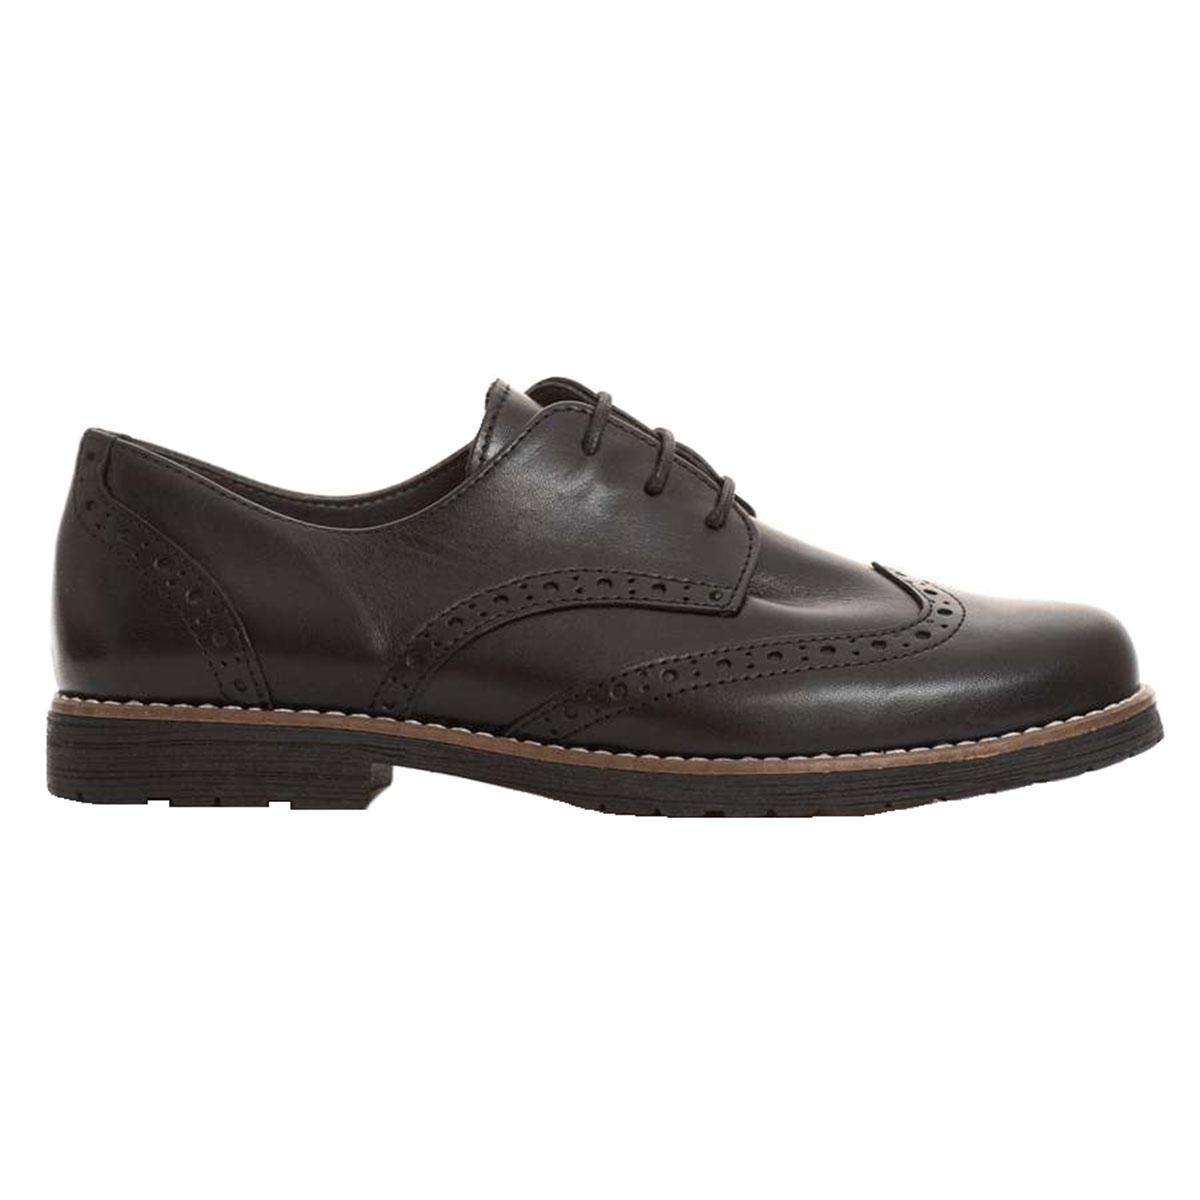 afb3516846a RAGAZZA 0183 Γυναικείο Παπούτσι Δετό Oxford Δέρμα Μαύρο